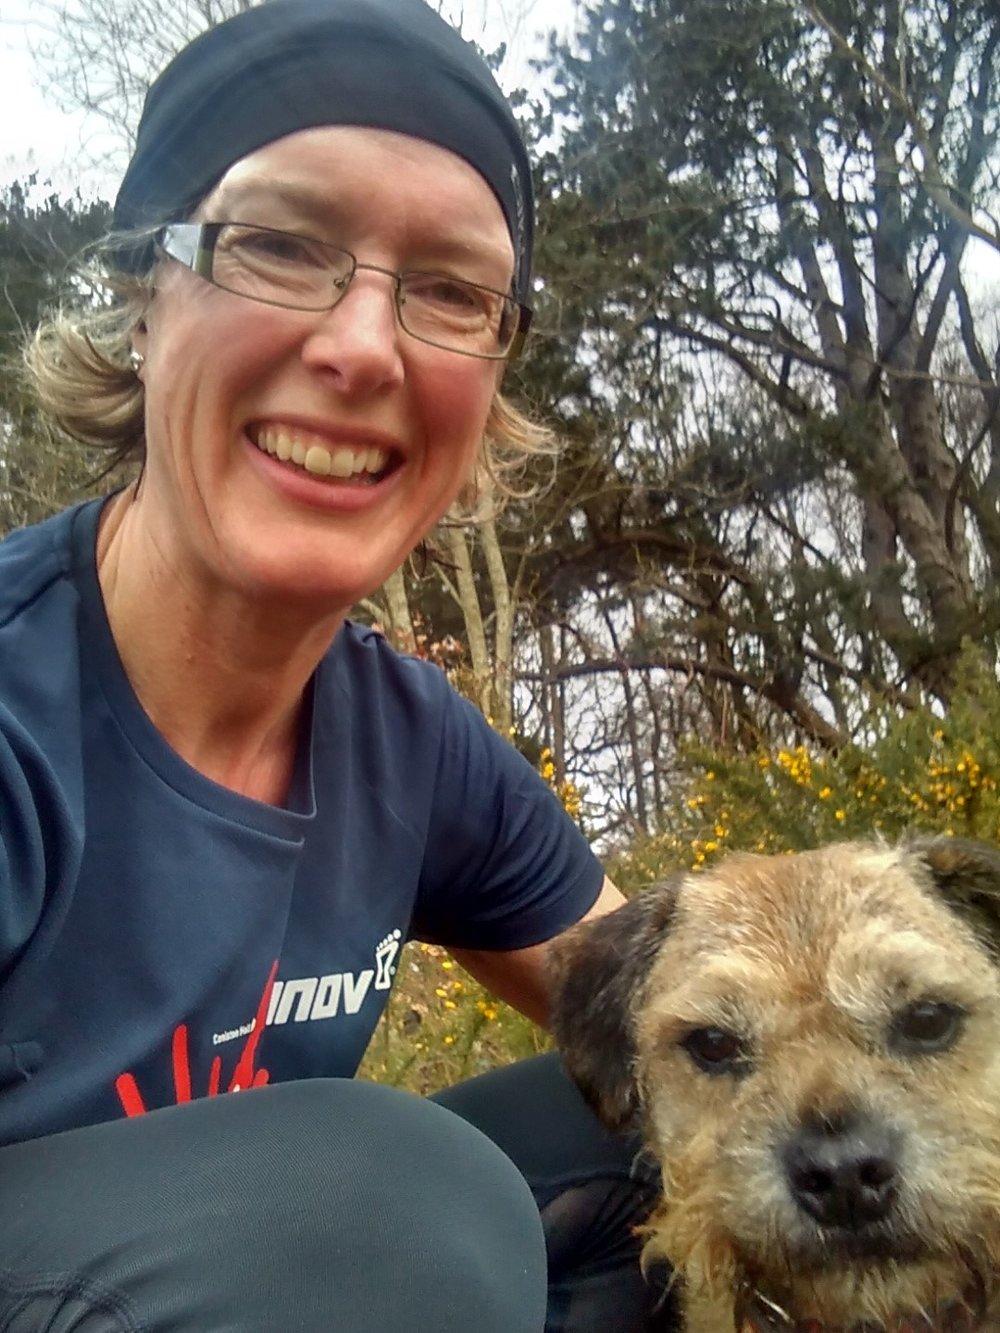 Fran & training partner